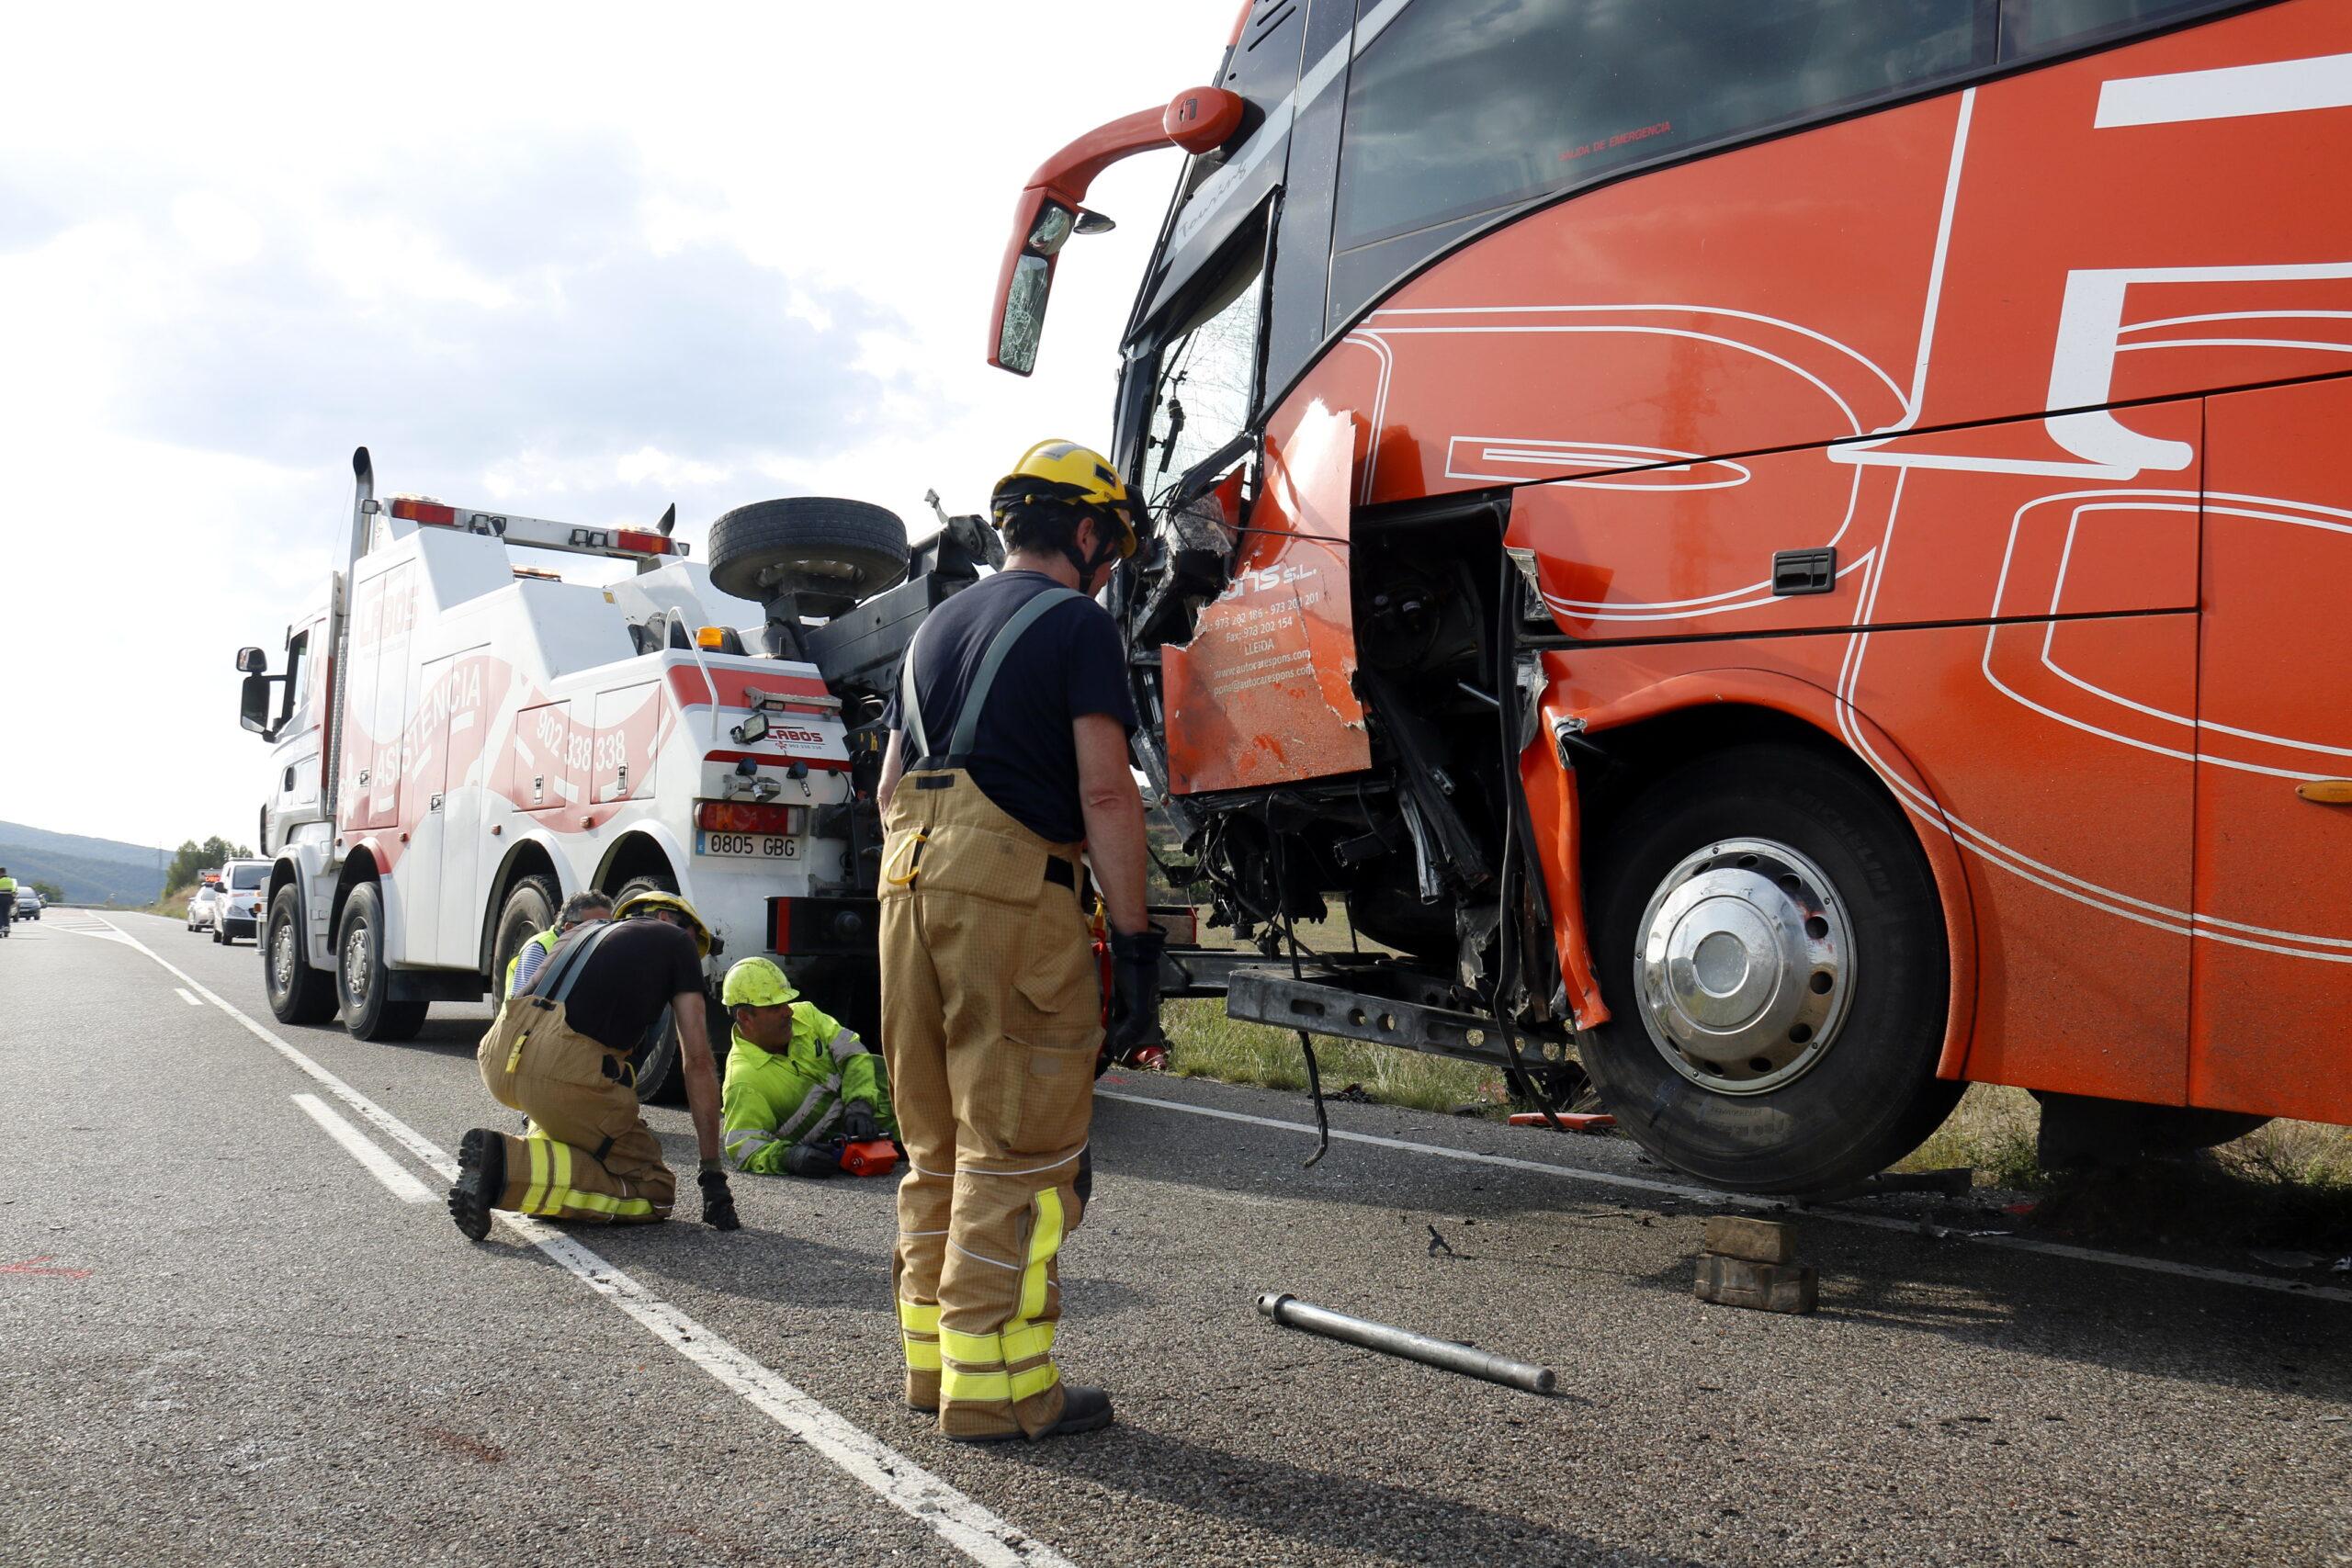 Pla general on es pot veure l'autocar que ha impactat frontalment contra una furgoneta amb el resultat d'un mort a la C-12 a Àger mentre operaris i Bombers intenten retirar-lo de la via, el 21 de setembre de 2018. (Horitzontal)